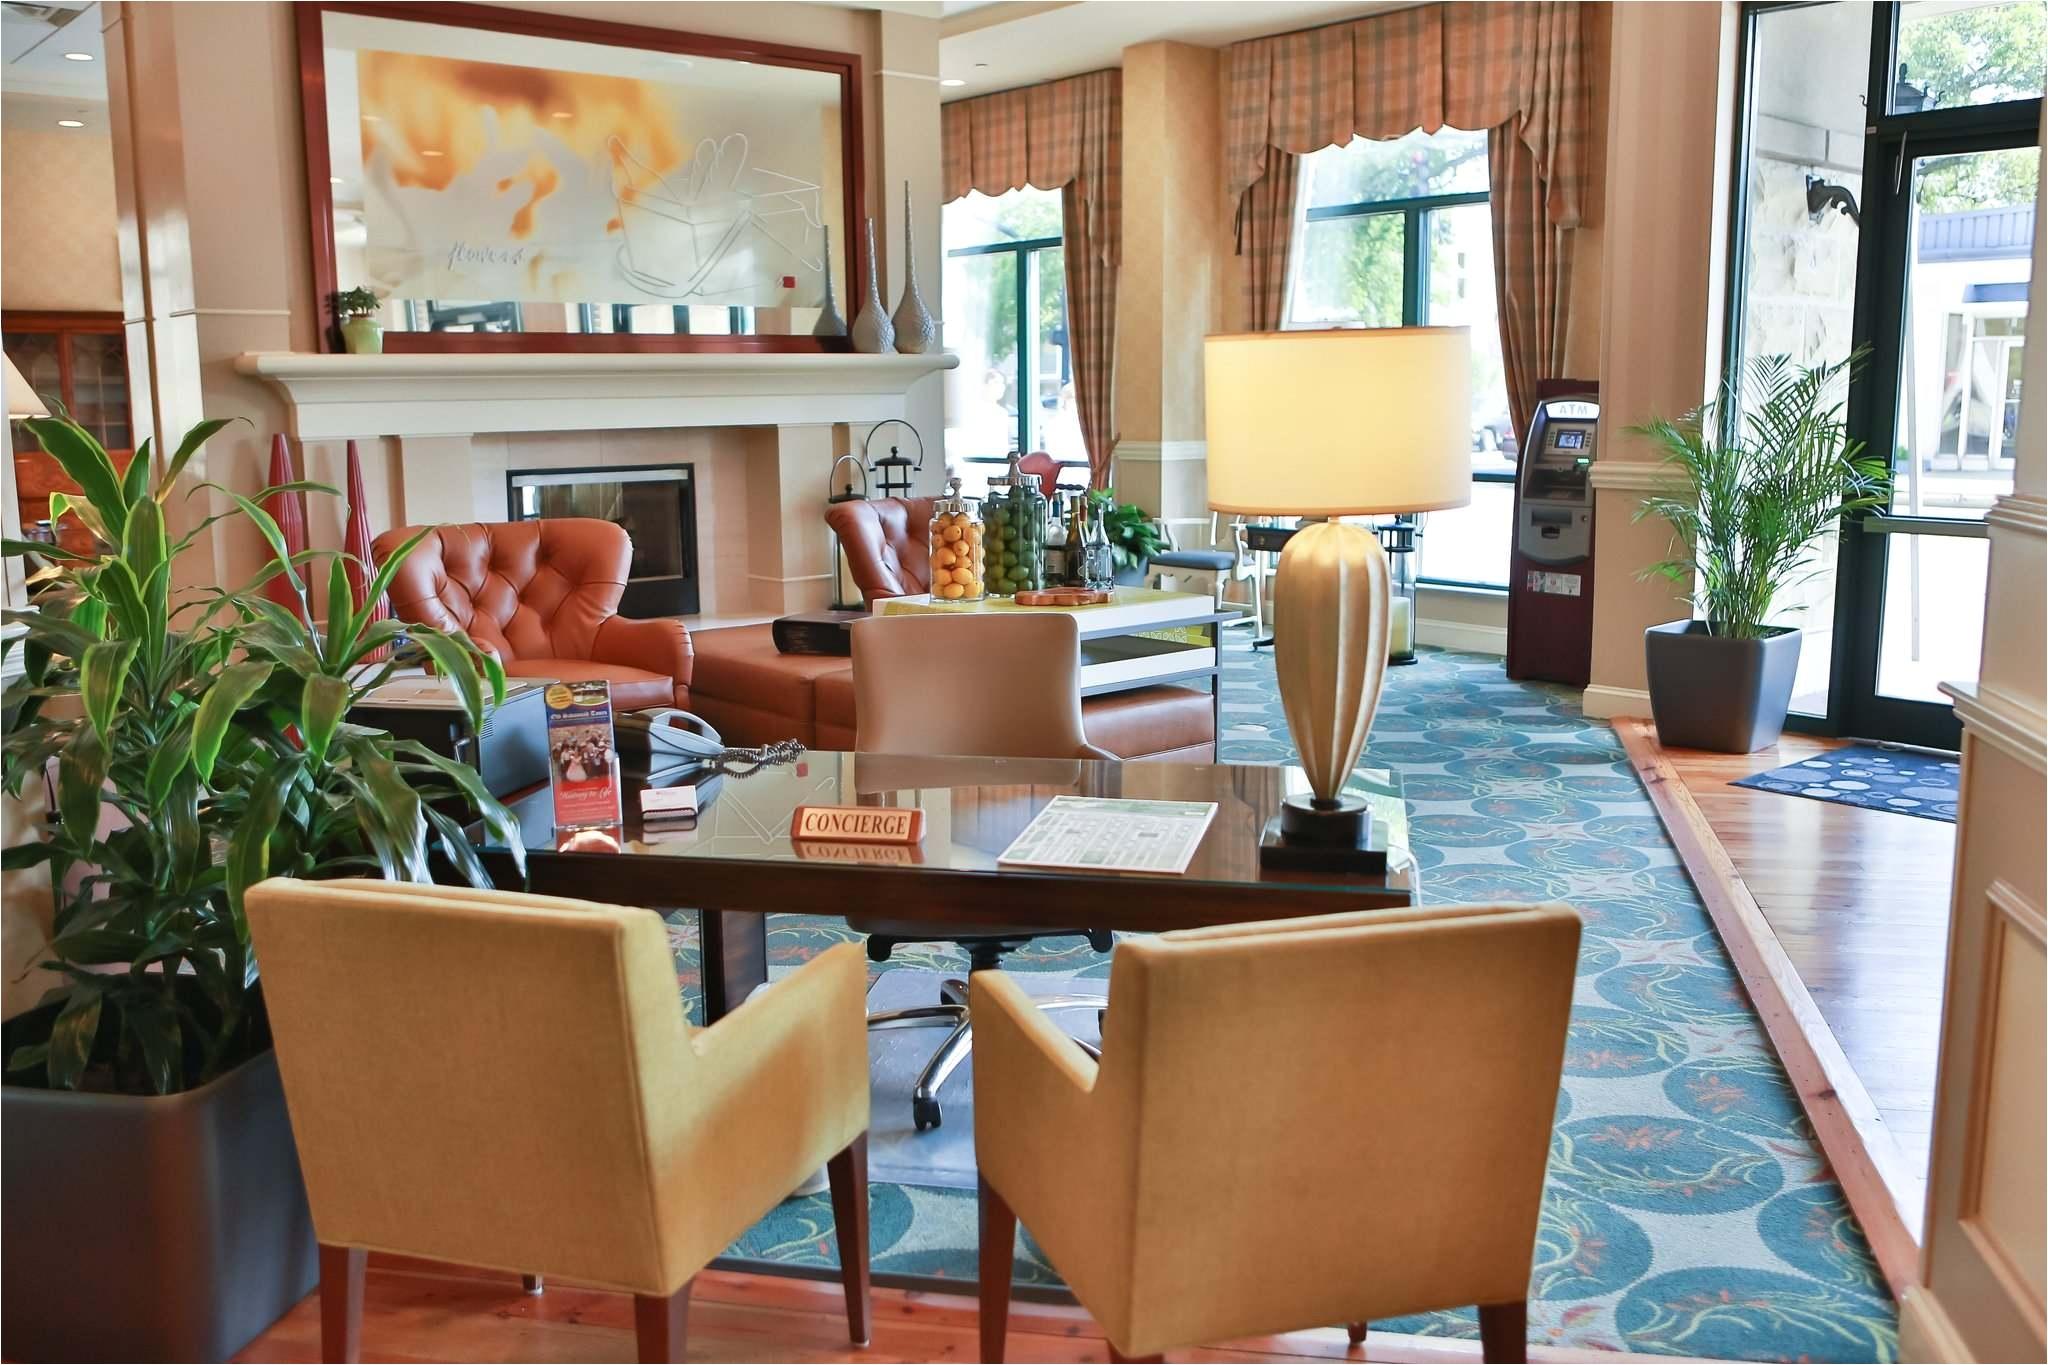 Cheap 1 Bedroom Apartments In Savannah Ga 25 One Bedroom Apartments In Savannah Ga ordinary Hilton Garden Inn